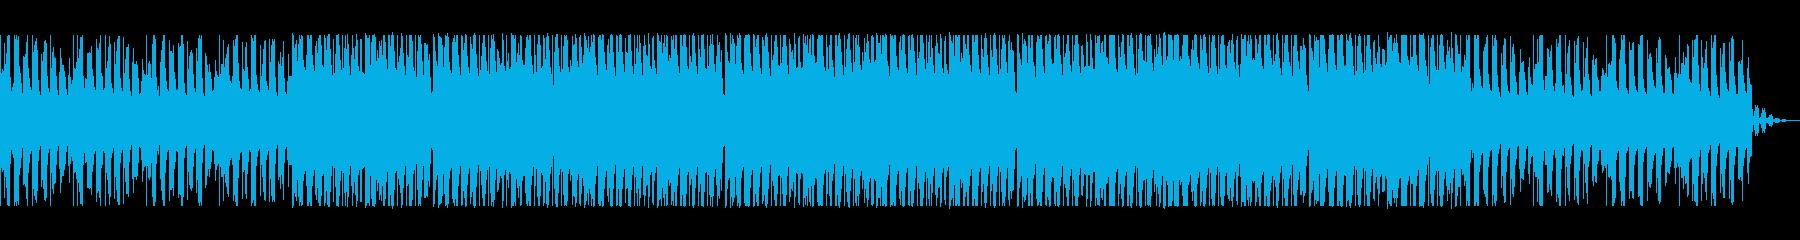 マイナーでダークなユーロビートポップの再生済みの波形